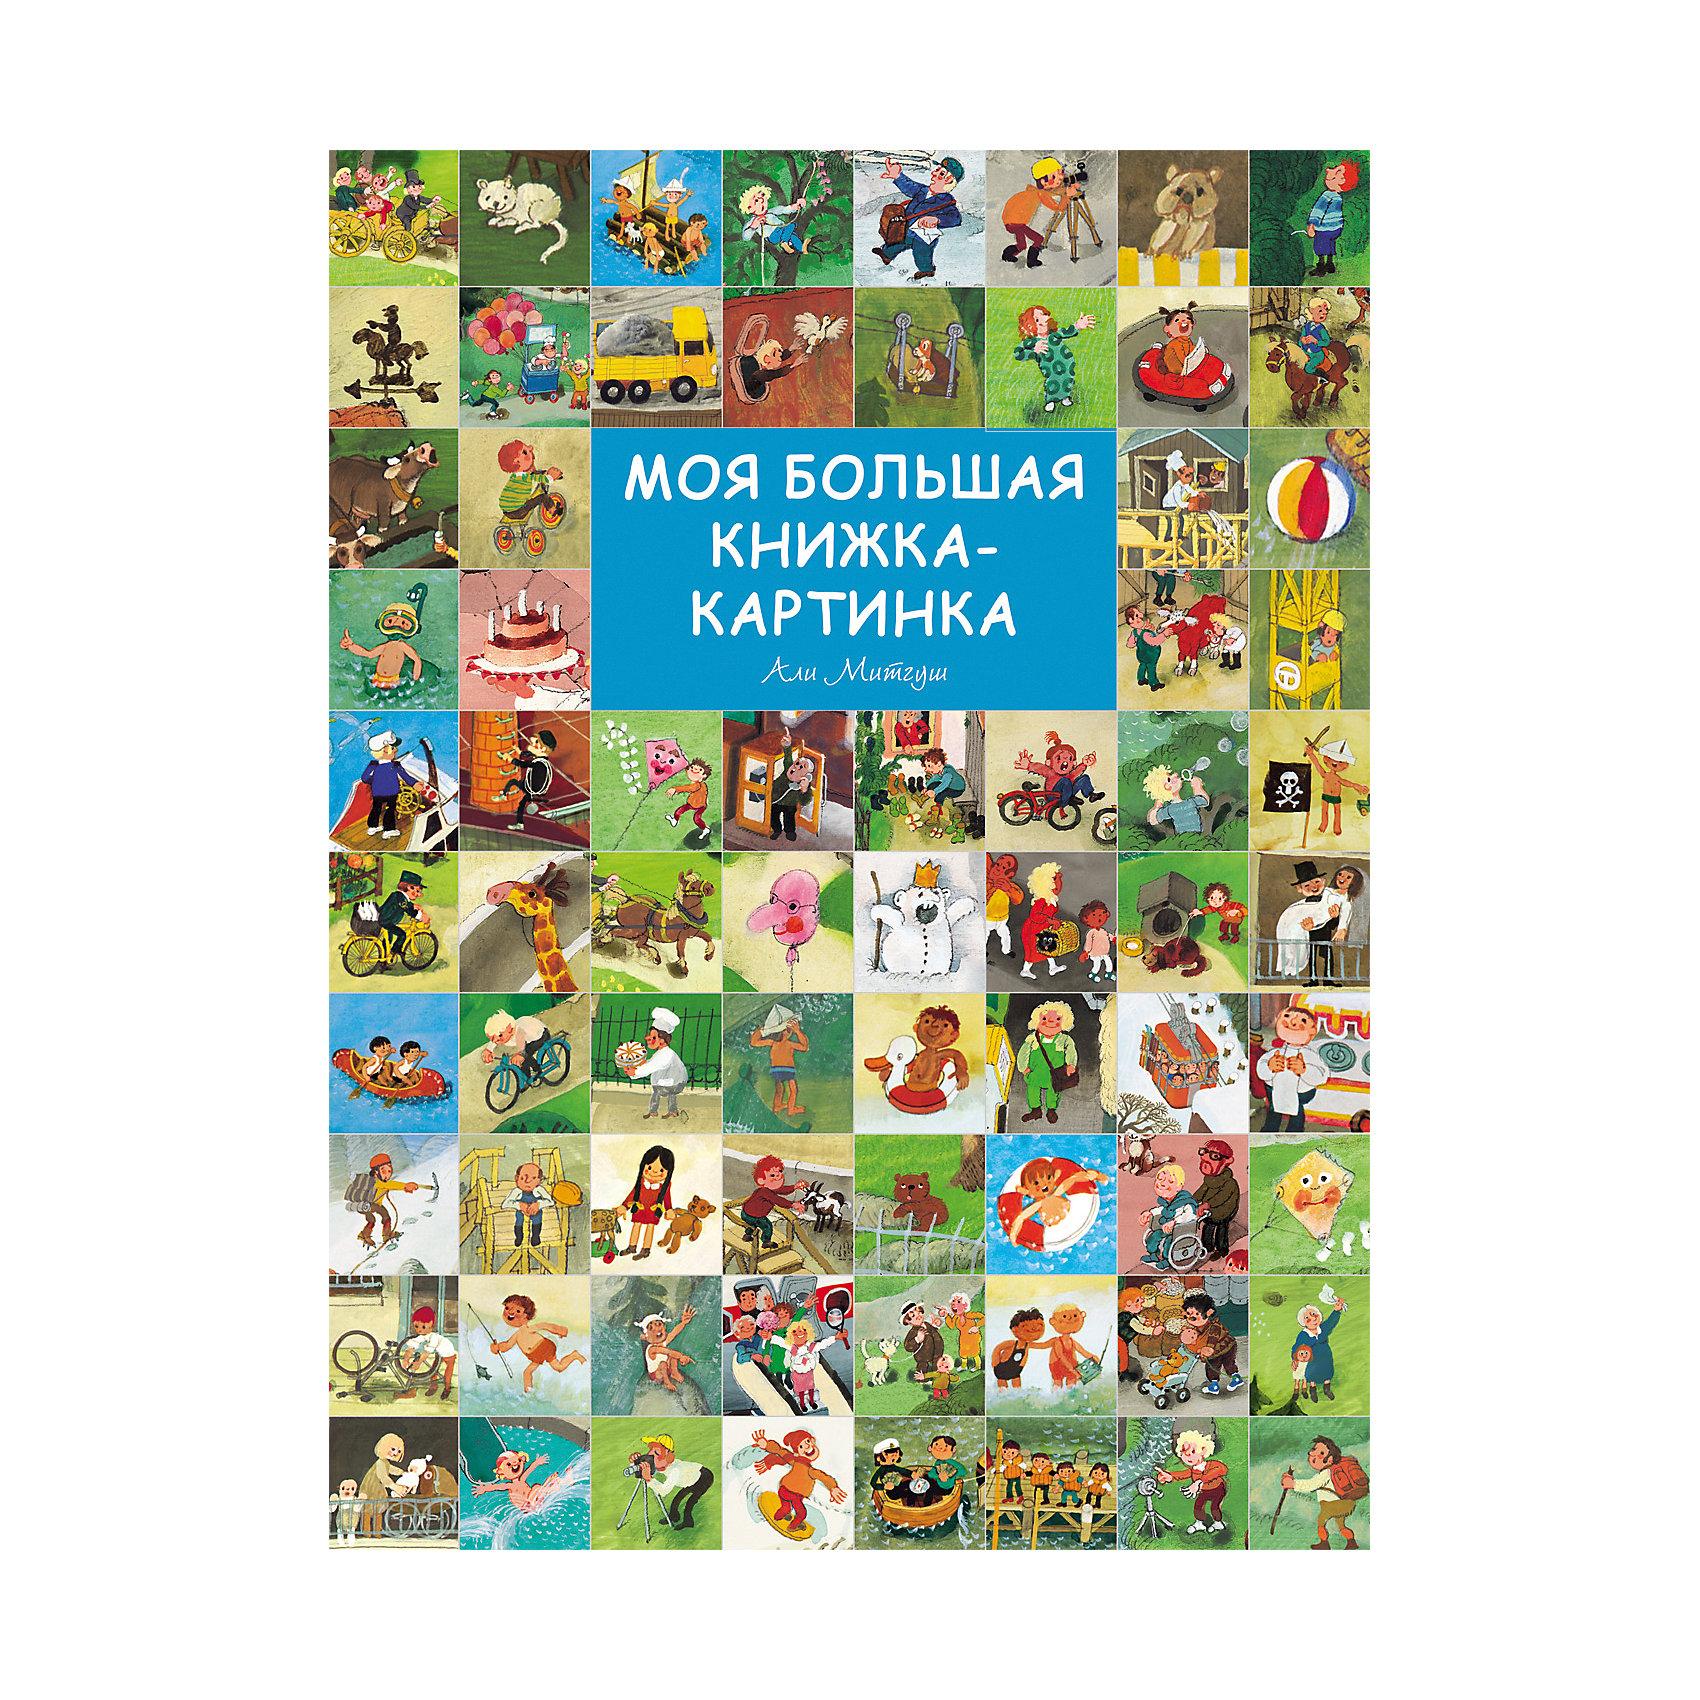 Моя большая книжка-картинкаКниги по фильмам и мультфильмам<br>Моя большая книжка-картинка<br><br>Характеристики:<br><br>• ISBN: 9785353082026 <br>• Количество страниц: 28<br>• Формат: А4   <br>• Обложка: твердая <br><br>Эта книга принадлежит к новому жанру - виммельбух, то есть книги, которая рассказывает историю не текстом, а картинками. Каждая иллюстрация занимает целый разворот. Всего их 14. Иллюстрации обширны и детализированы и позволяют изучать и рассматривать себя часами, каждый раз открывая что-то новое. Используя эту книгу, ребенок сможет сам сочинить истории о жизни героев, изображенных на страницах книги, или же это могут сделать родители, используя книгу как основу для придумывания сказок вместе со своими детьми.<br><br>Моя большая книжка-картинка можно купить в нашем интернет-магазине.<br><br>Ширина мм: 315<br>Глубина мм: 235<br>Высота мм: 200<br>Вес г: 450<br>Возраст от месяцев: -2147483648<br>Возраст до месяцев: 2147483647<br>Пол: Унисекс<br>Возраст: Детский<br>SKU: 5507113